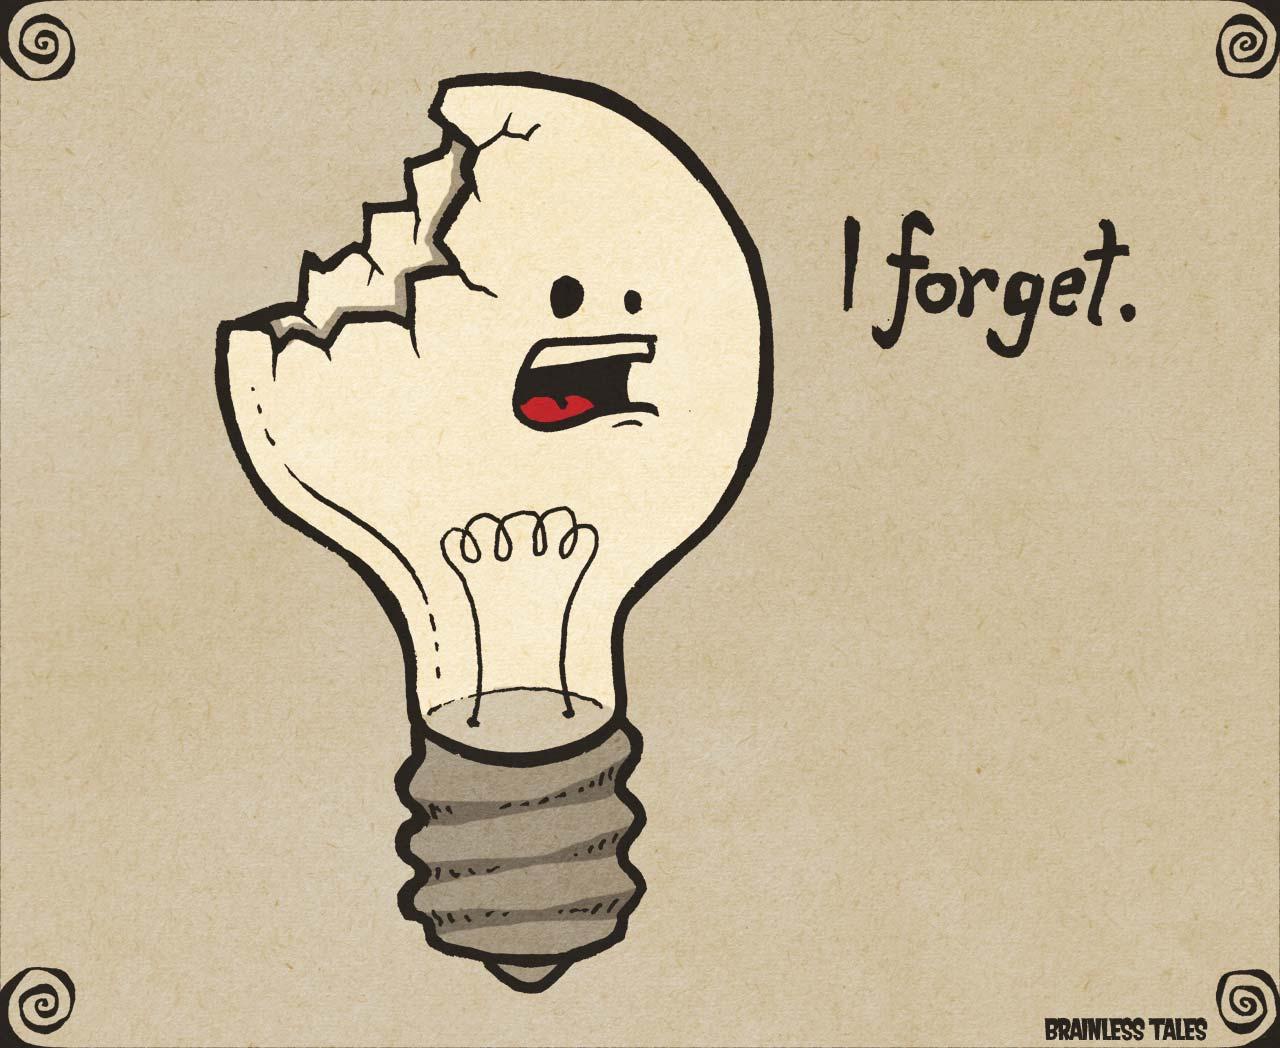 sumber : www.brainlesstales.com